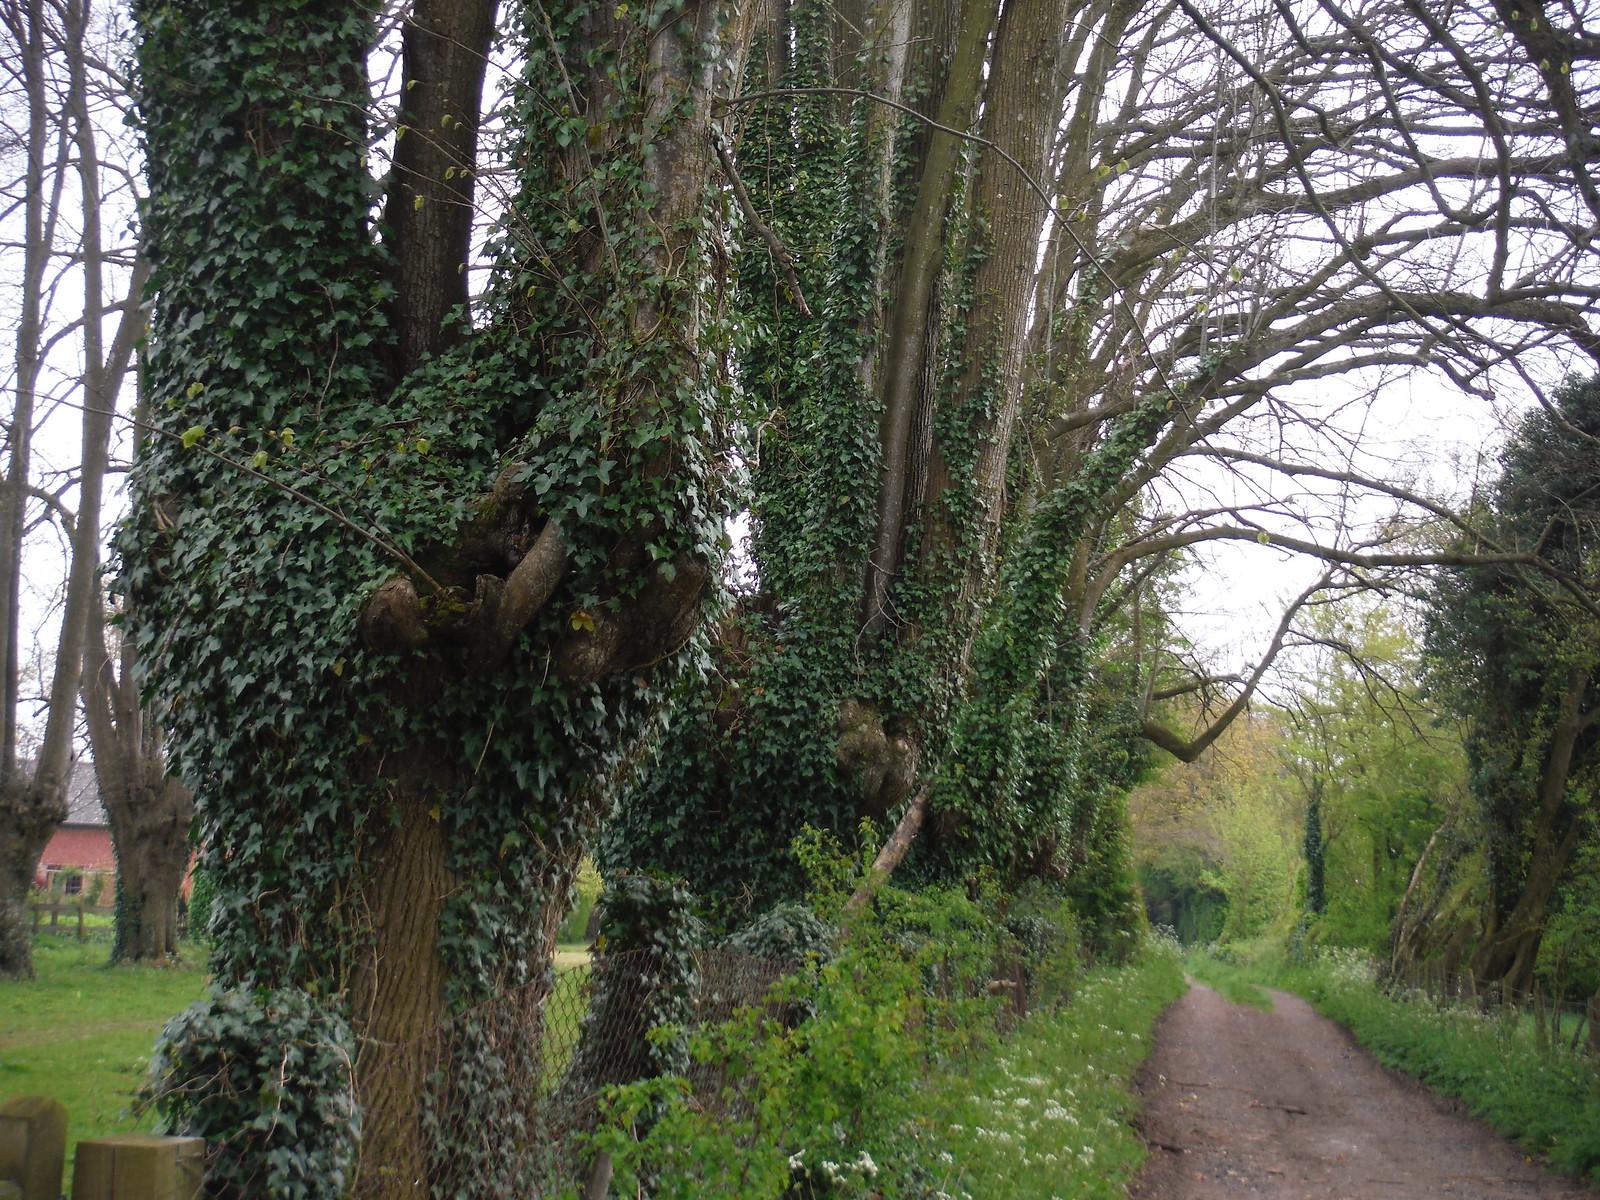 Approach to West Winterslow SWC Walk 265 - Dean to Mottisfont and Dunbridge (Alternative Start from Salisbury)